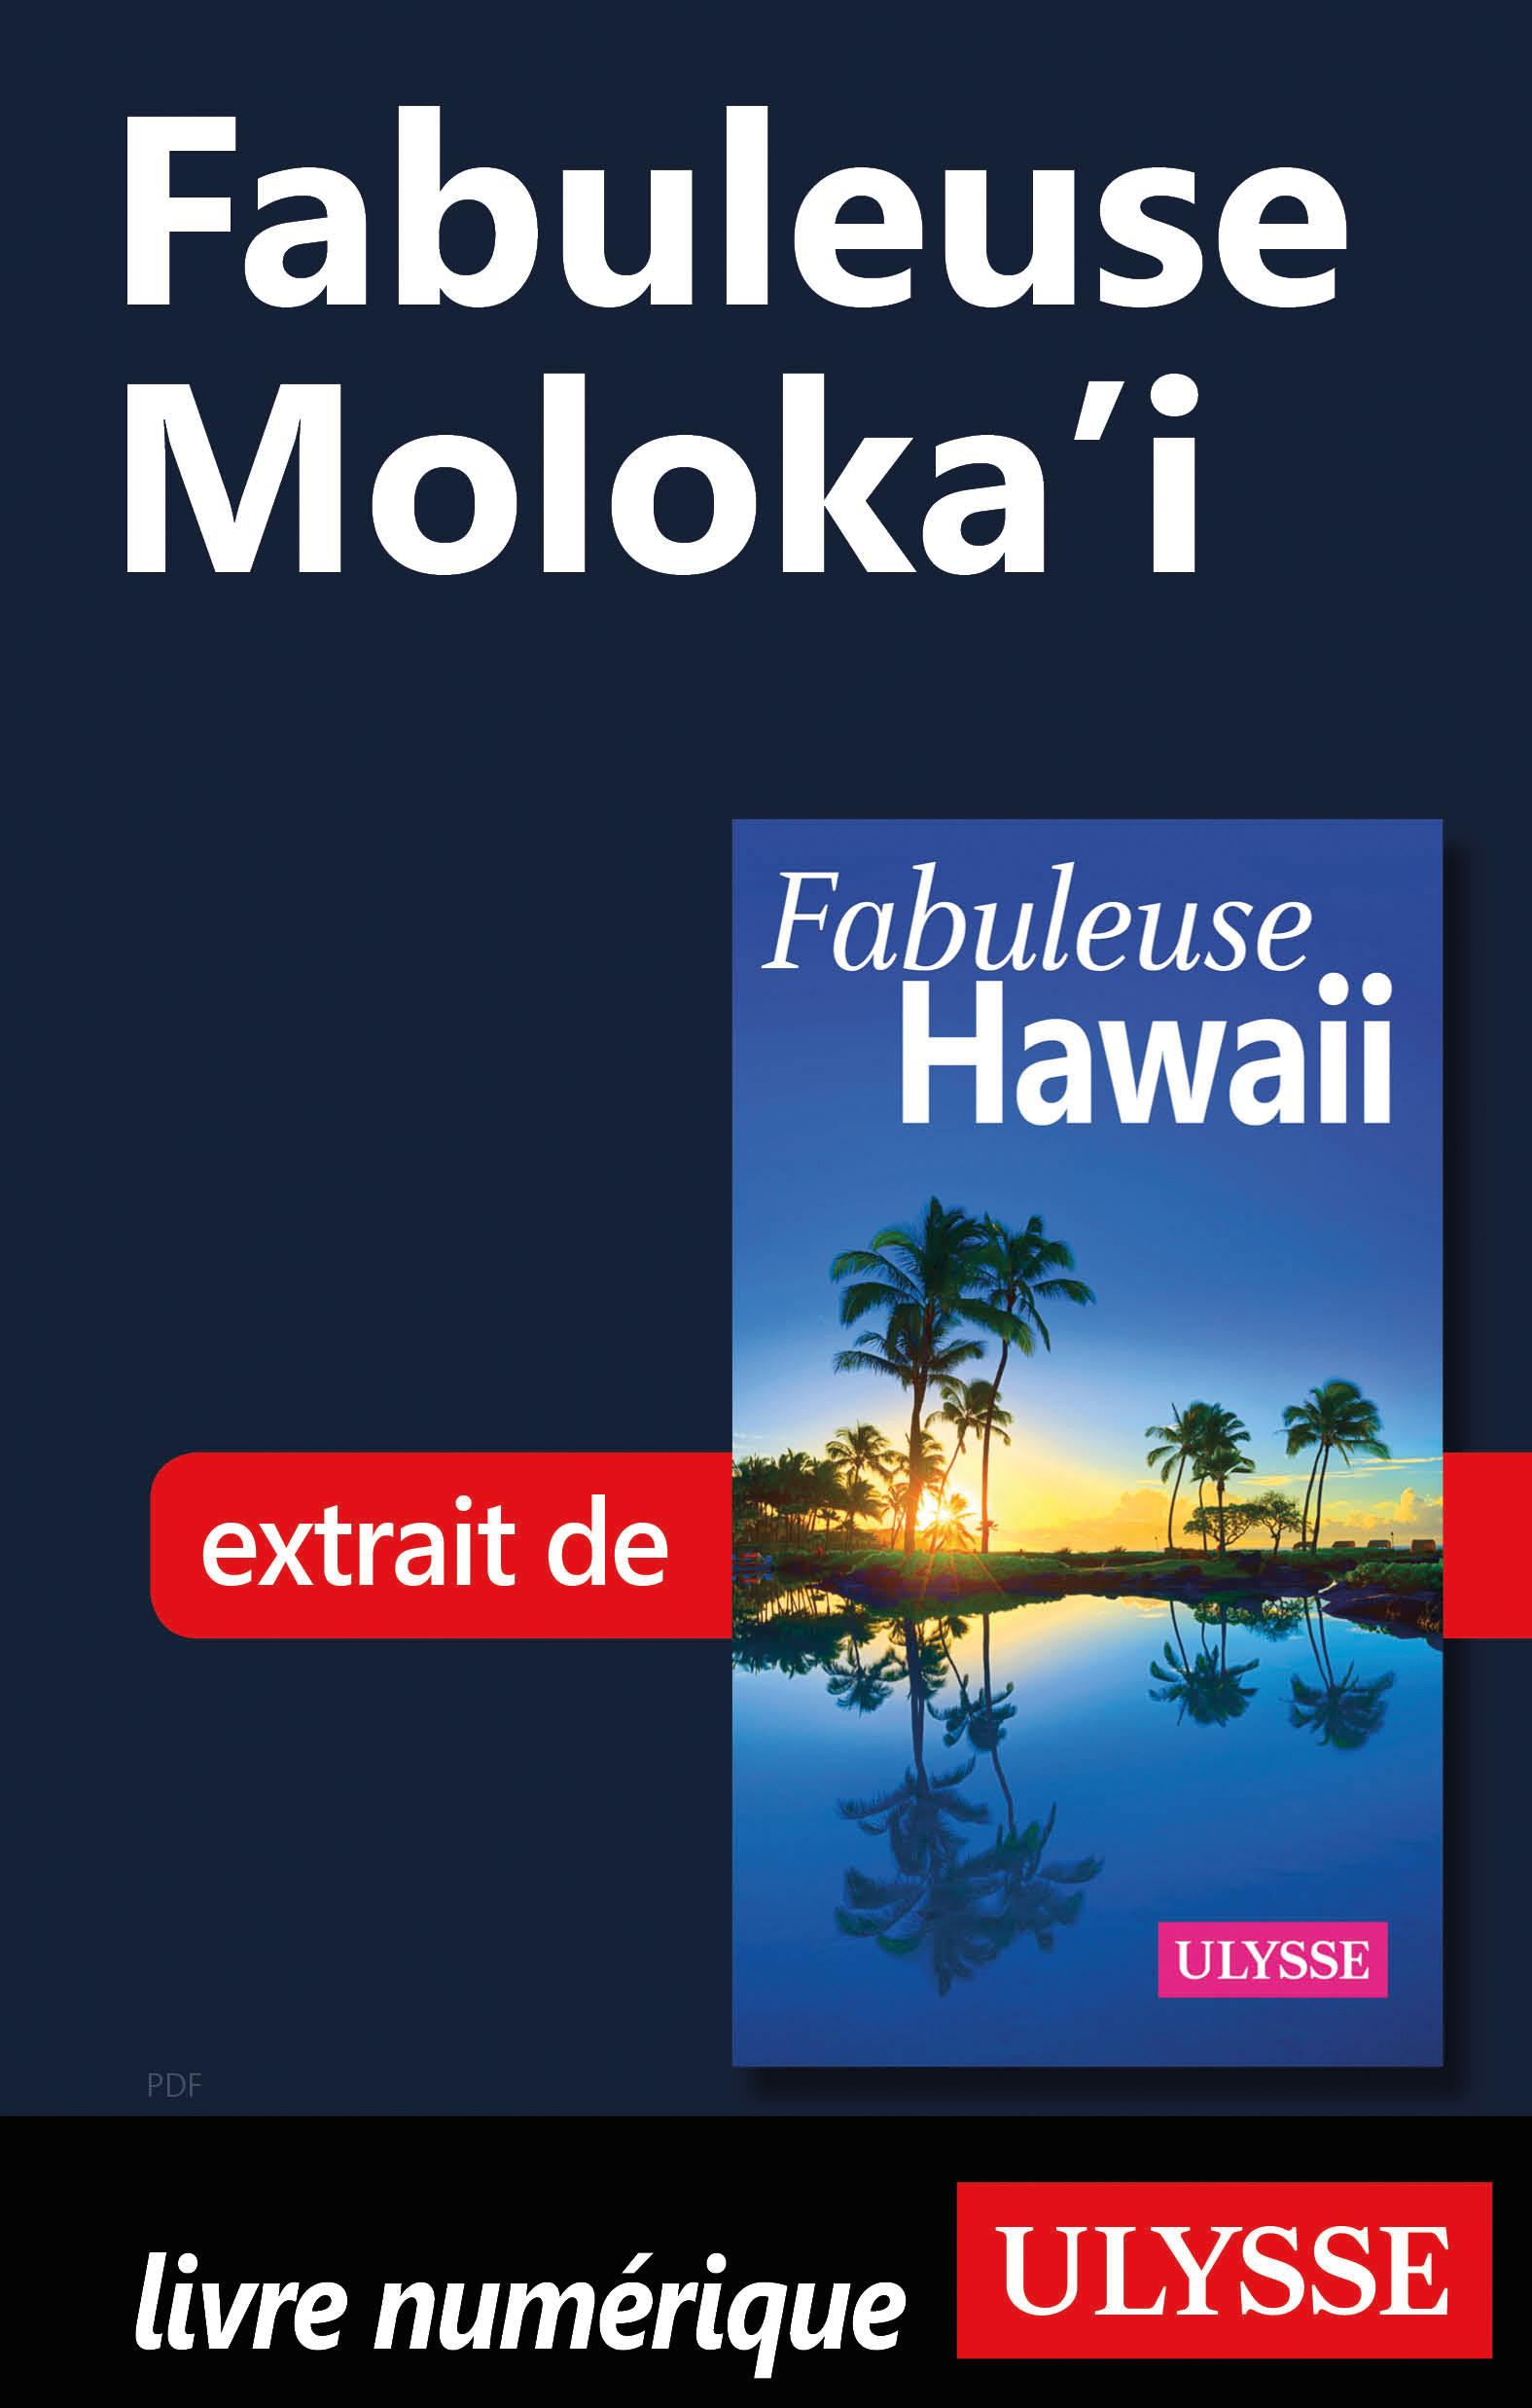 Fabuleuse Moloka'i